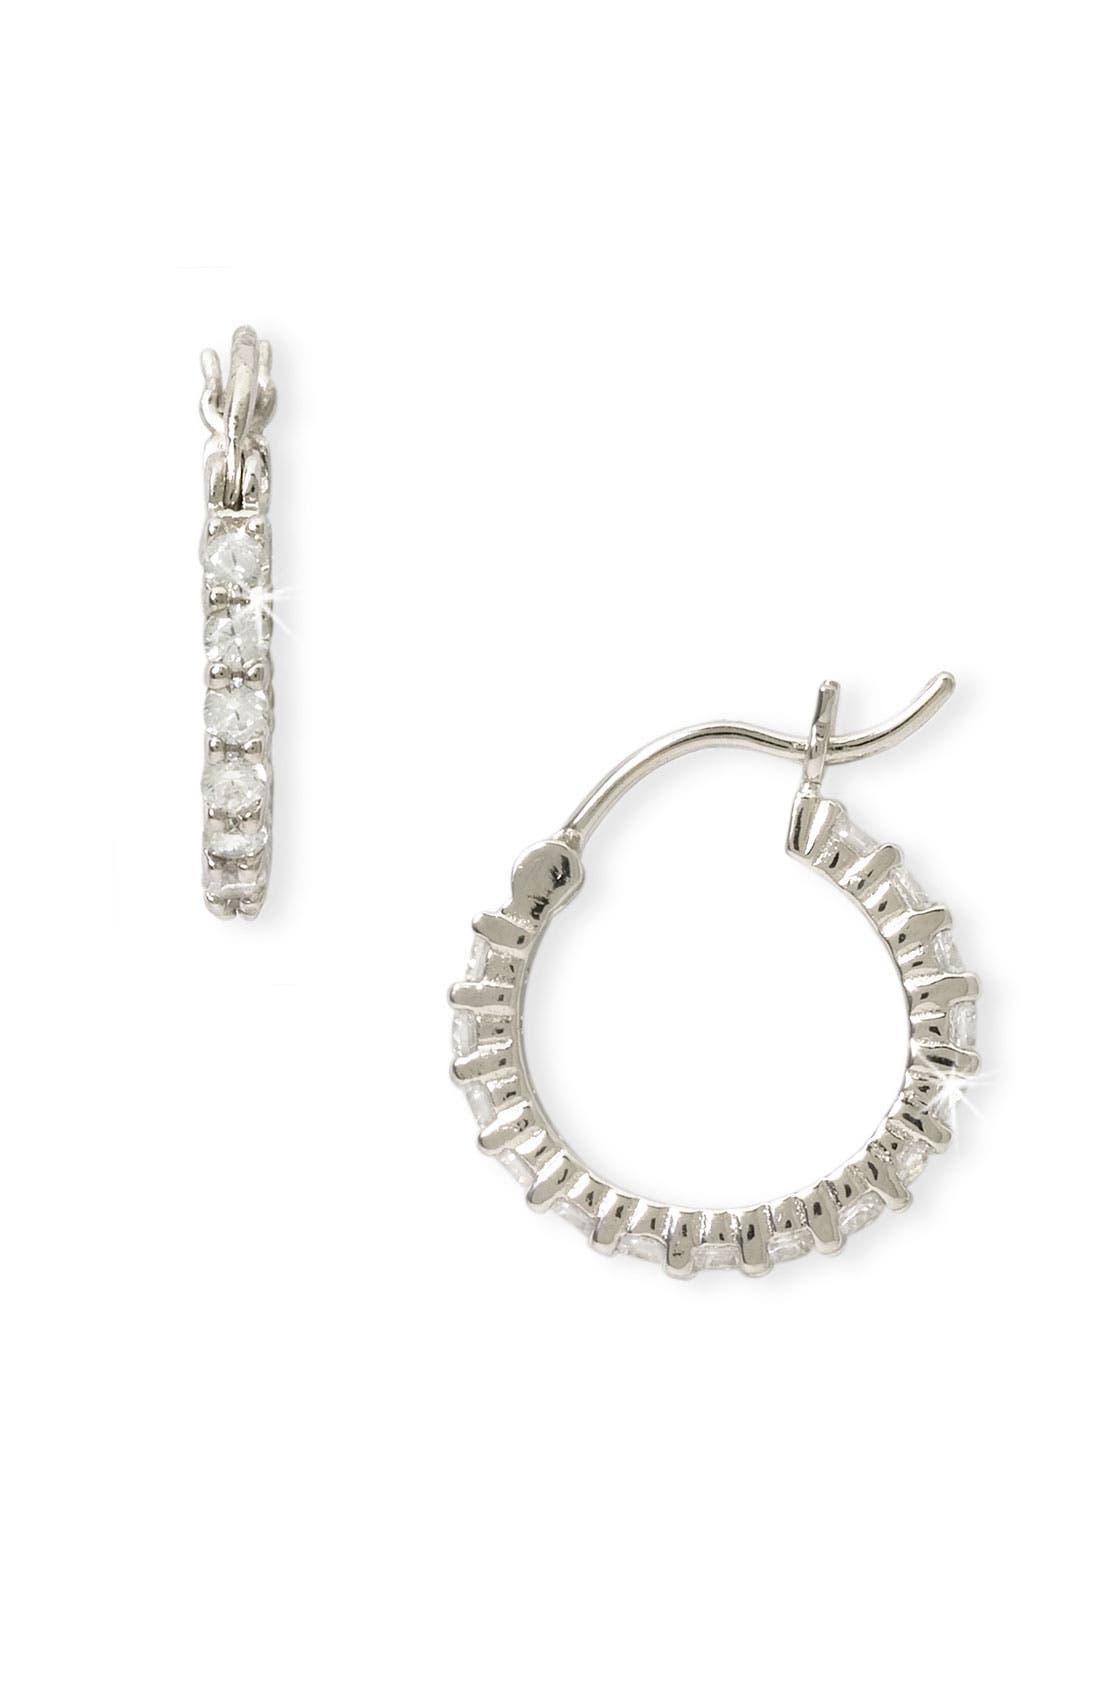 Alternate Image 1 Selected - Nordstrom Cubic Zirconia Thin Hoop Earrings